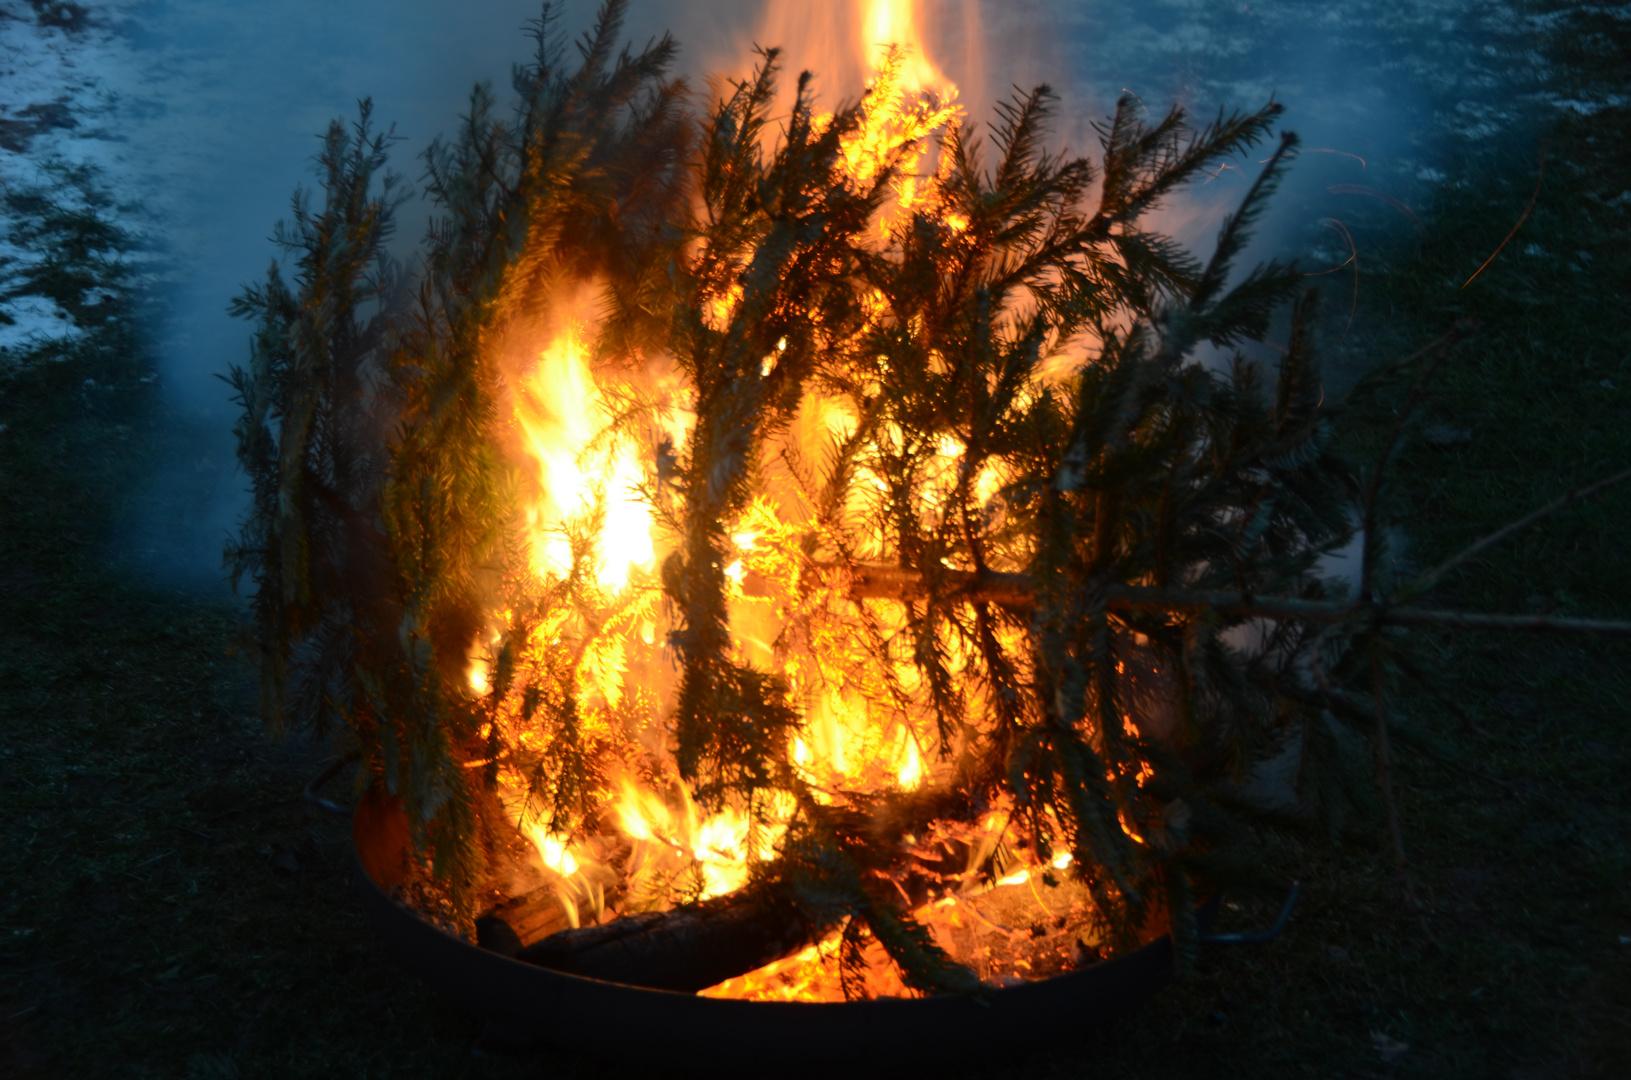 Nach Tannenbaum weitwurf .kommt Verbrennung